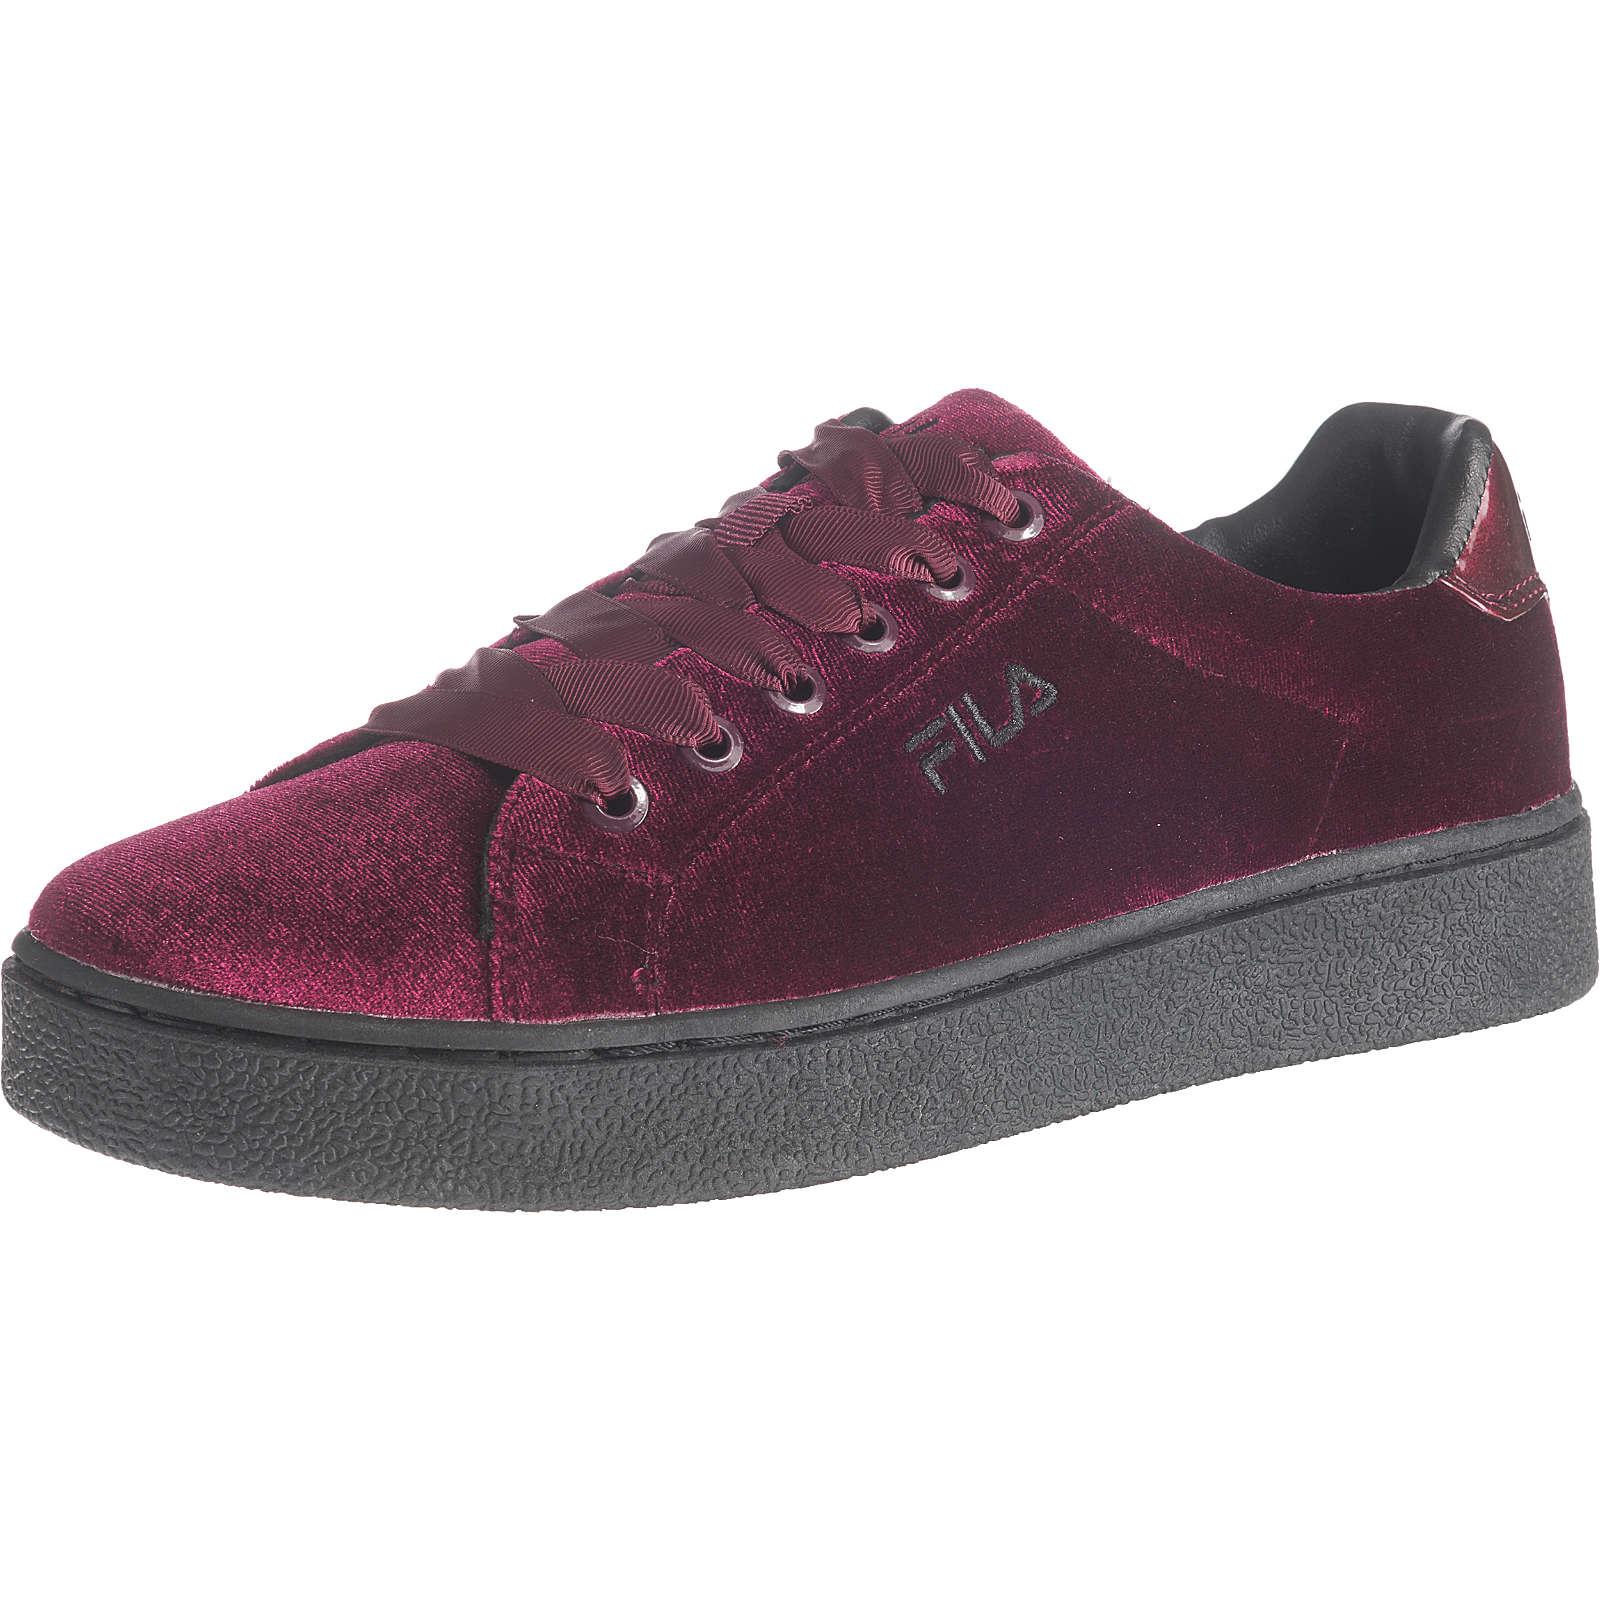 FILA Upstage V low wmn Sneakers Low bordeaux Damen Gr. 40